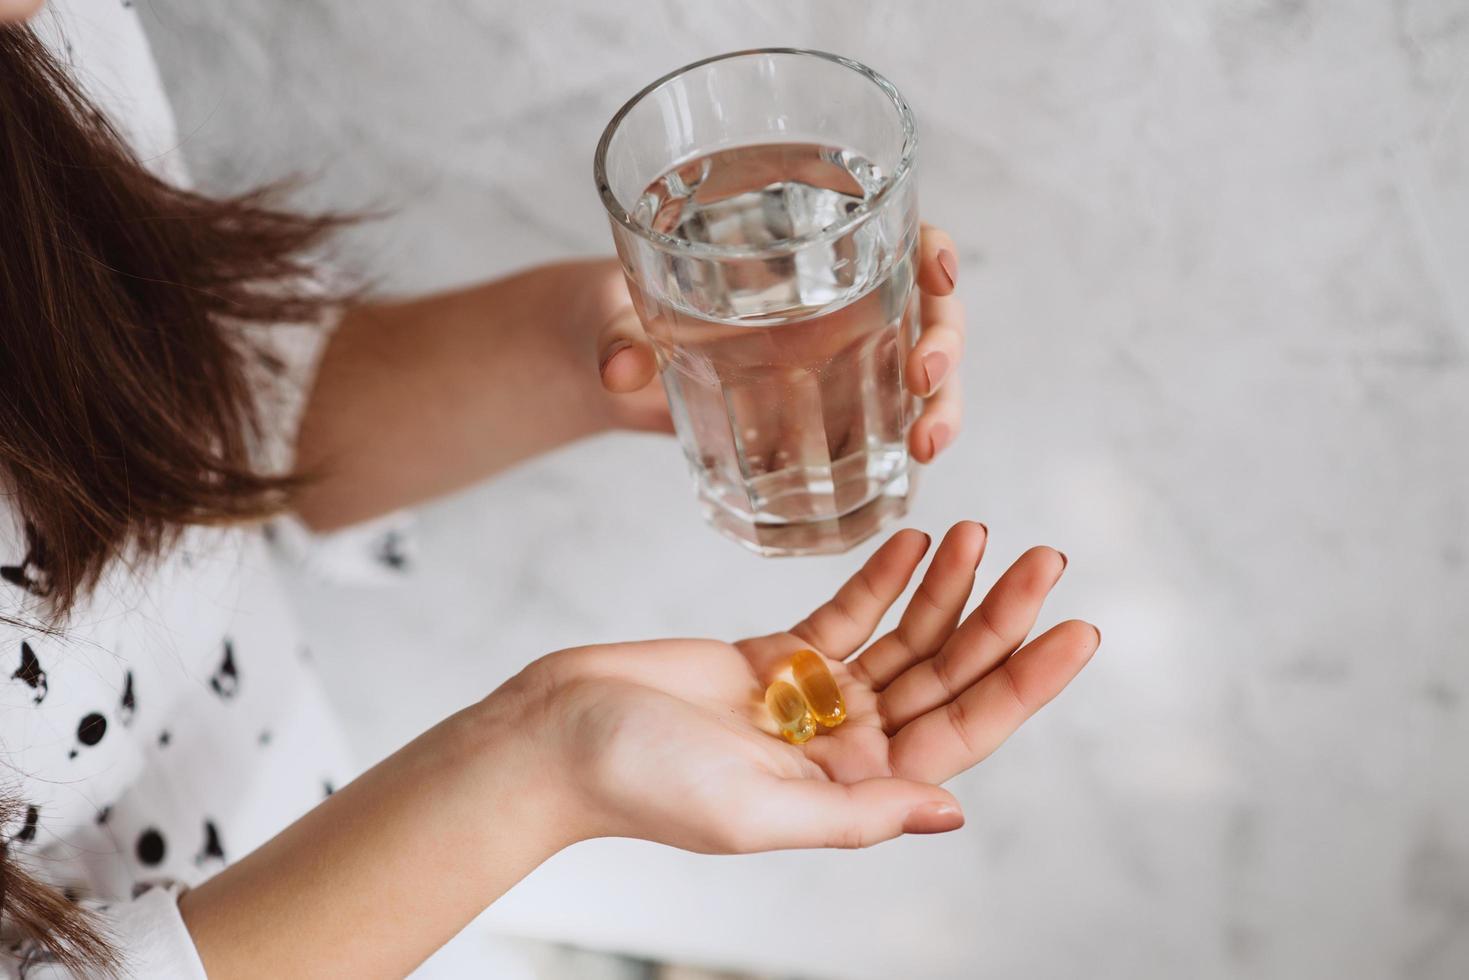 mani della ragazza con pillole con olio di fegato di merluzzo omega-3 e un bicchiere di acqua fresca. foto